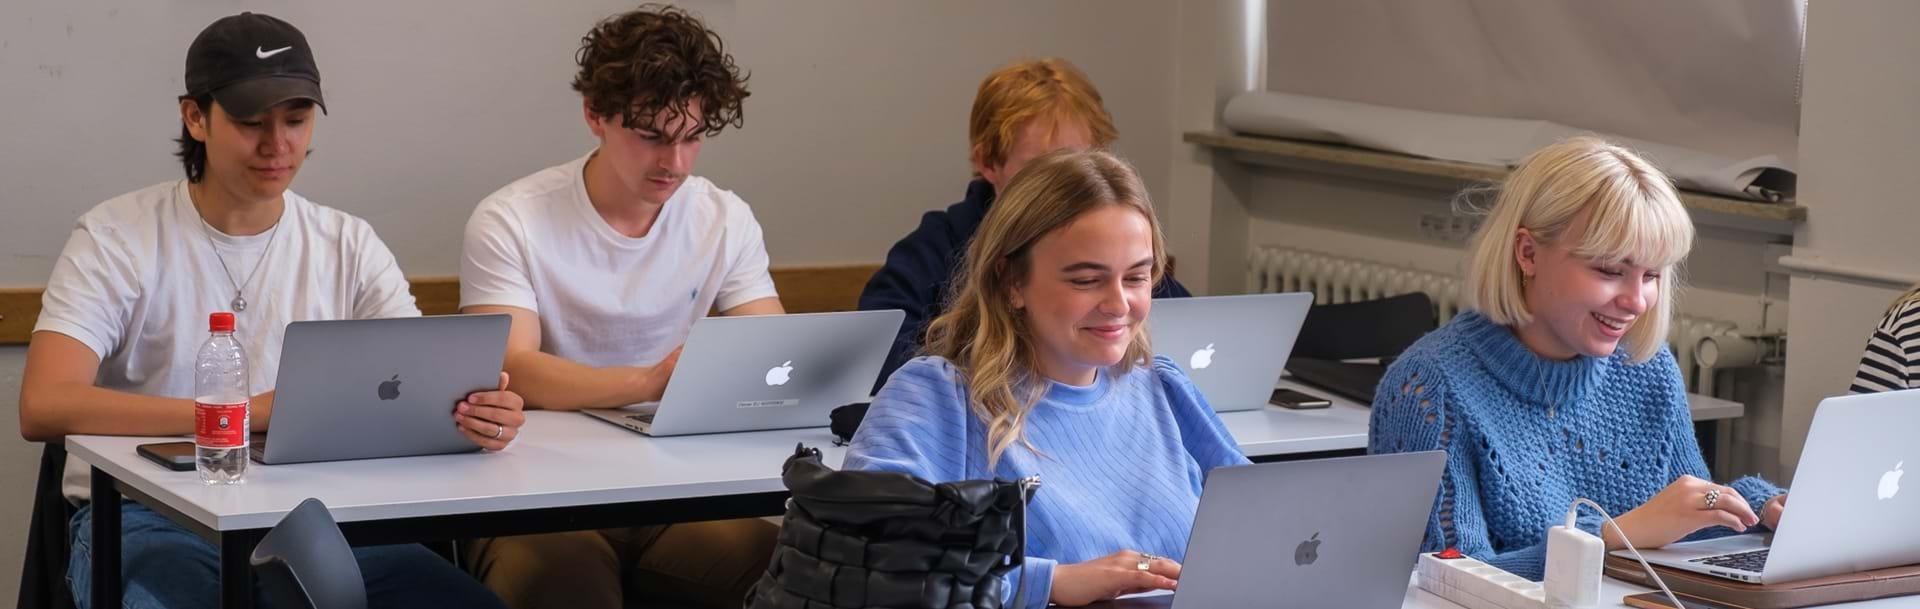 Elever arbejder på dere computere i klasselokalet